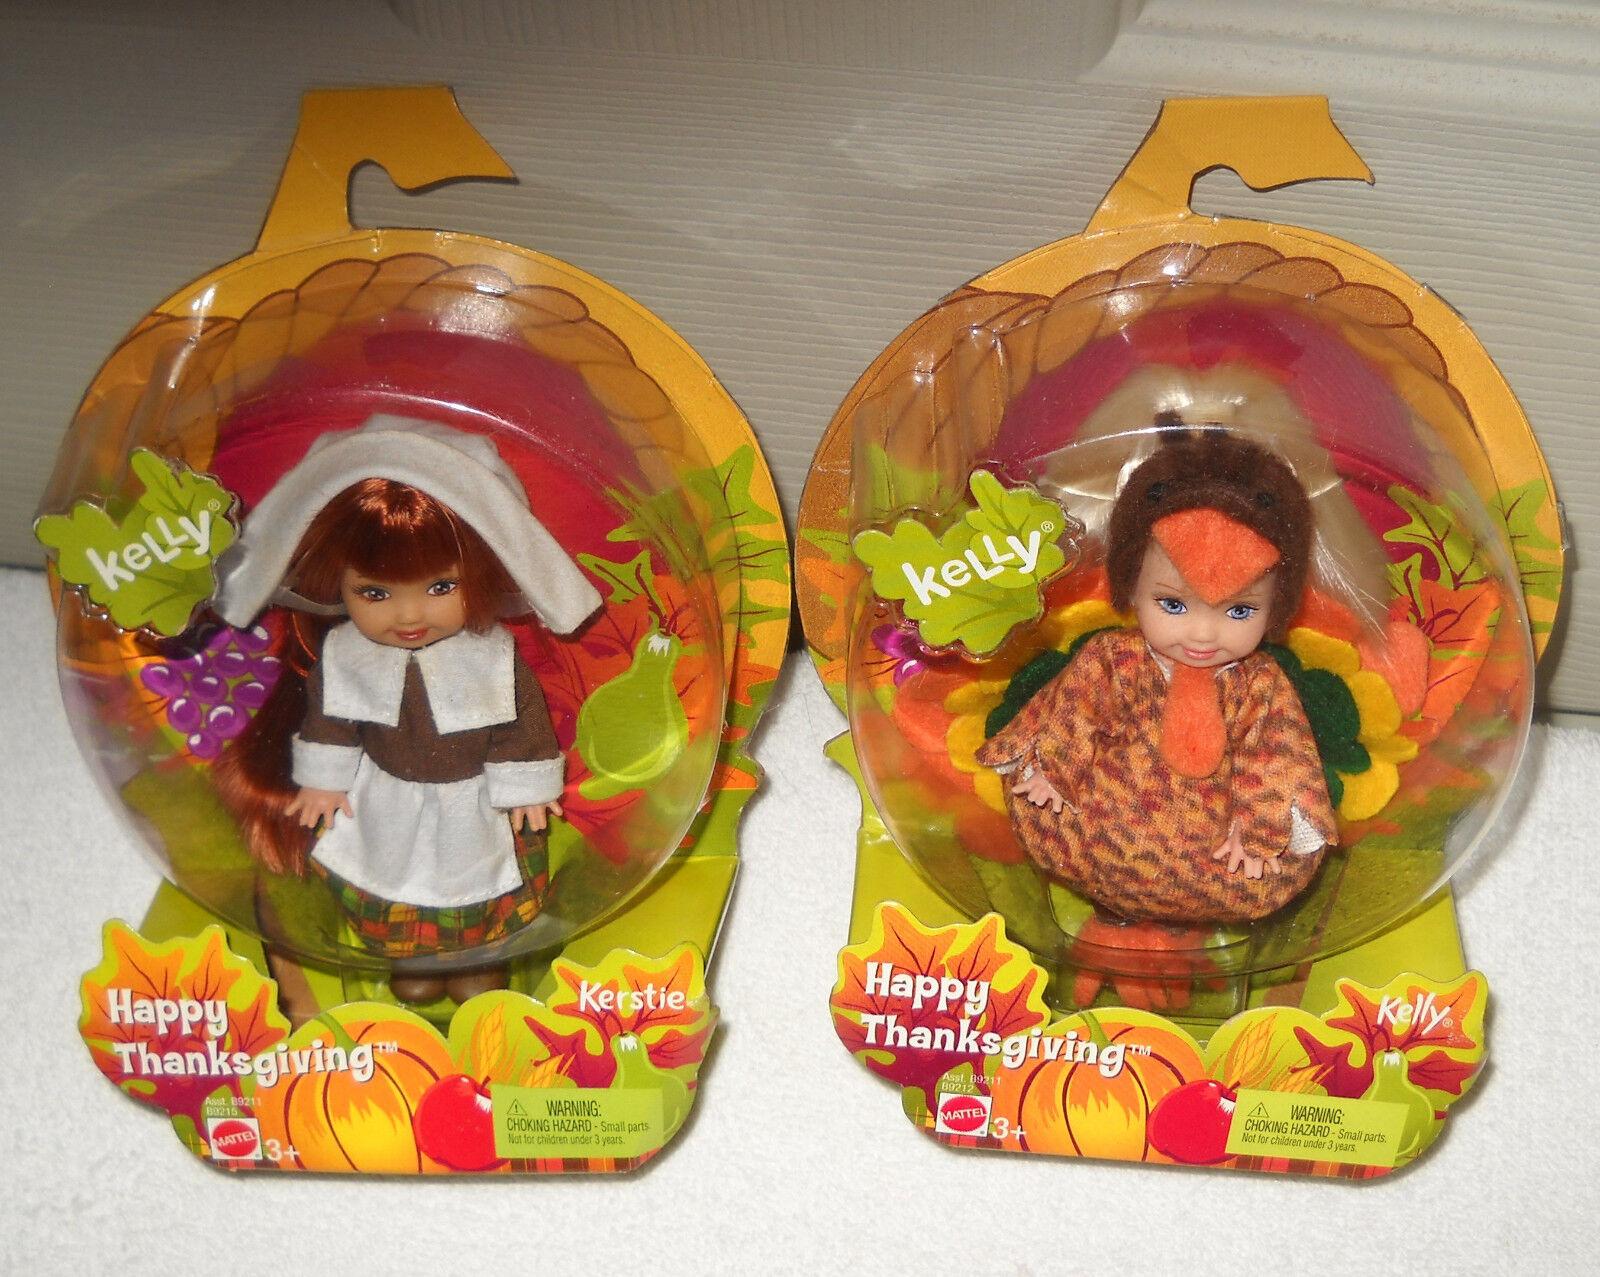 Nunca quitado de la Caja Mattel Barbie Feliz Acción de Gracias Kelly & kerstie muñecas